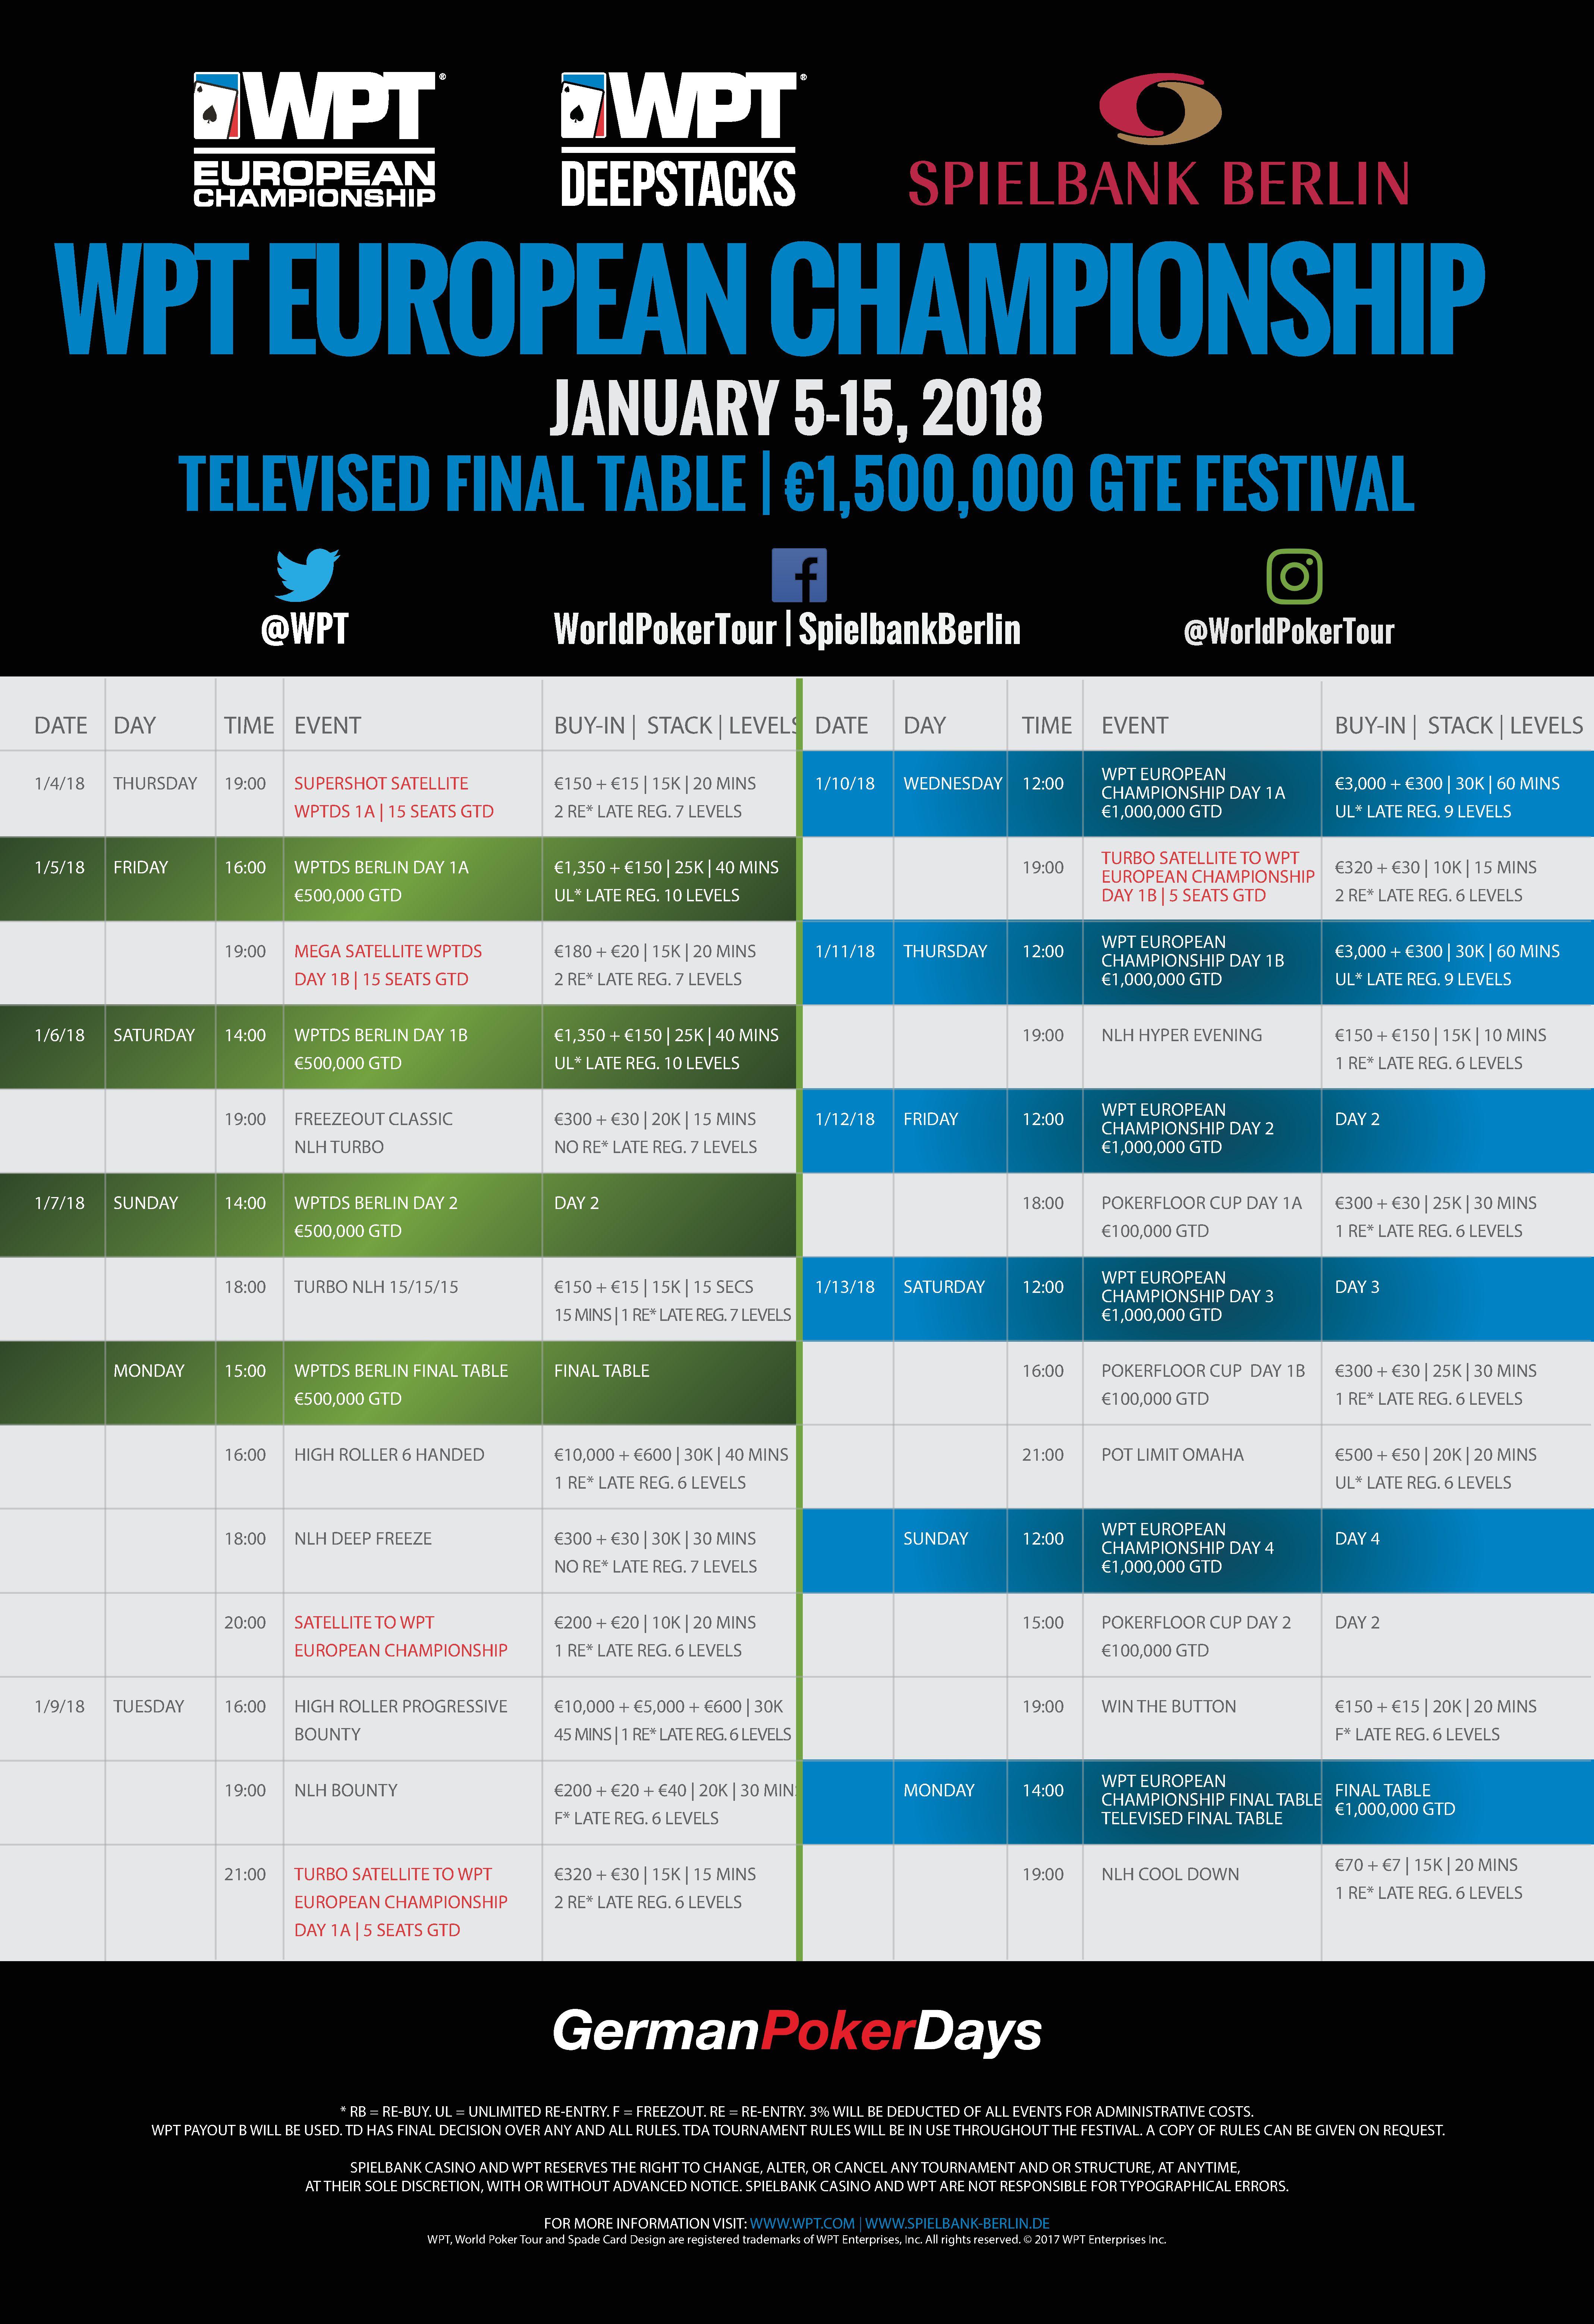 wptds-berlin-schedule-series-white-2017